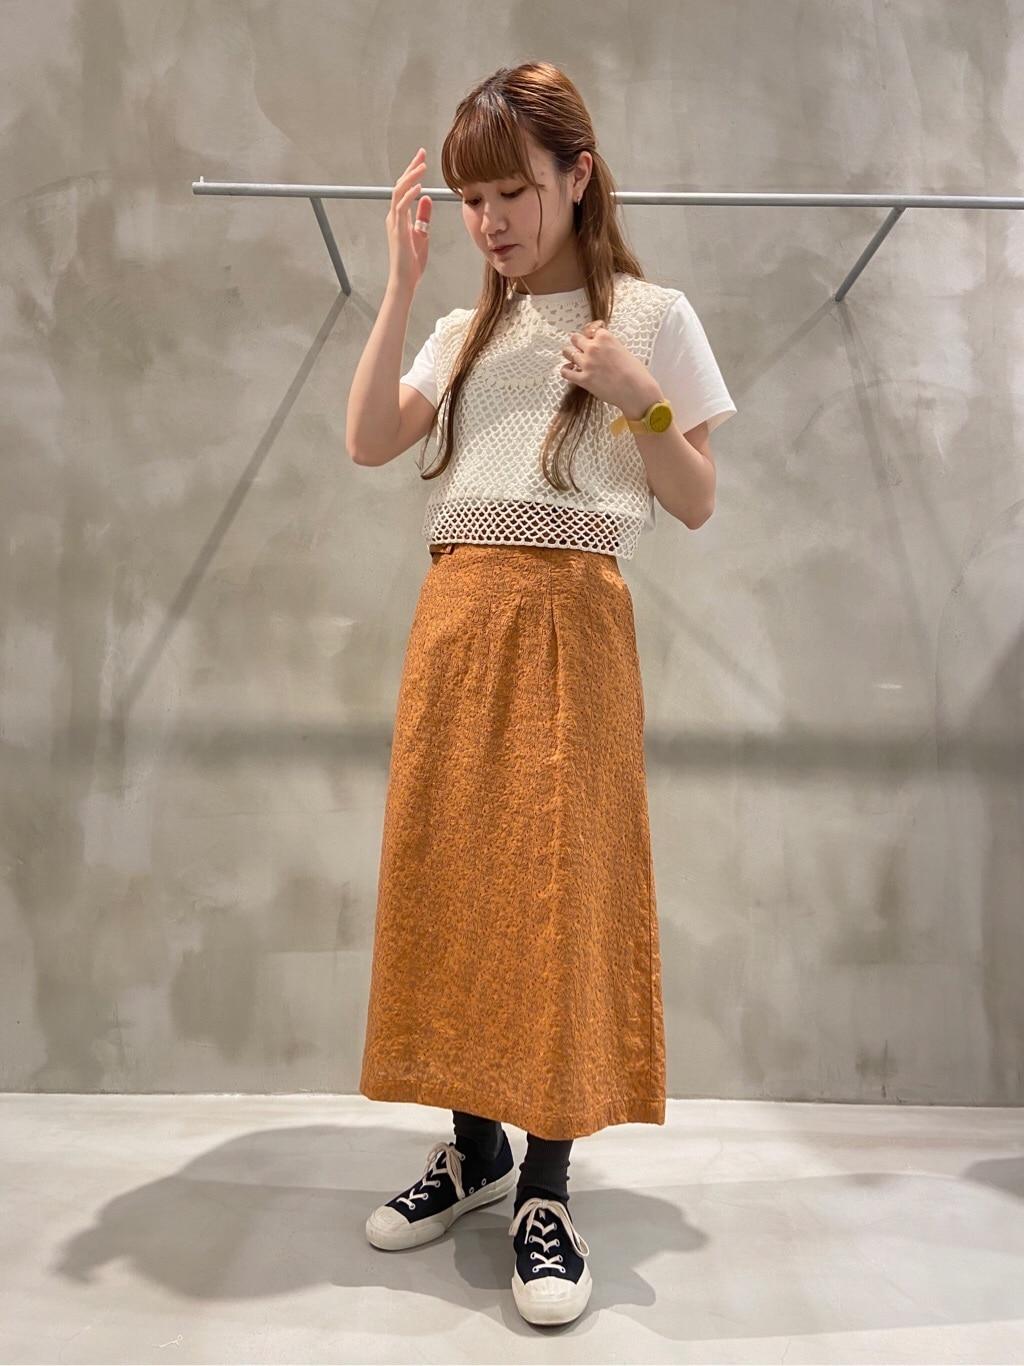 渋谷スクランブルスクエア 2020.07.02